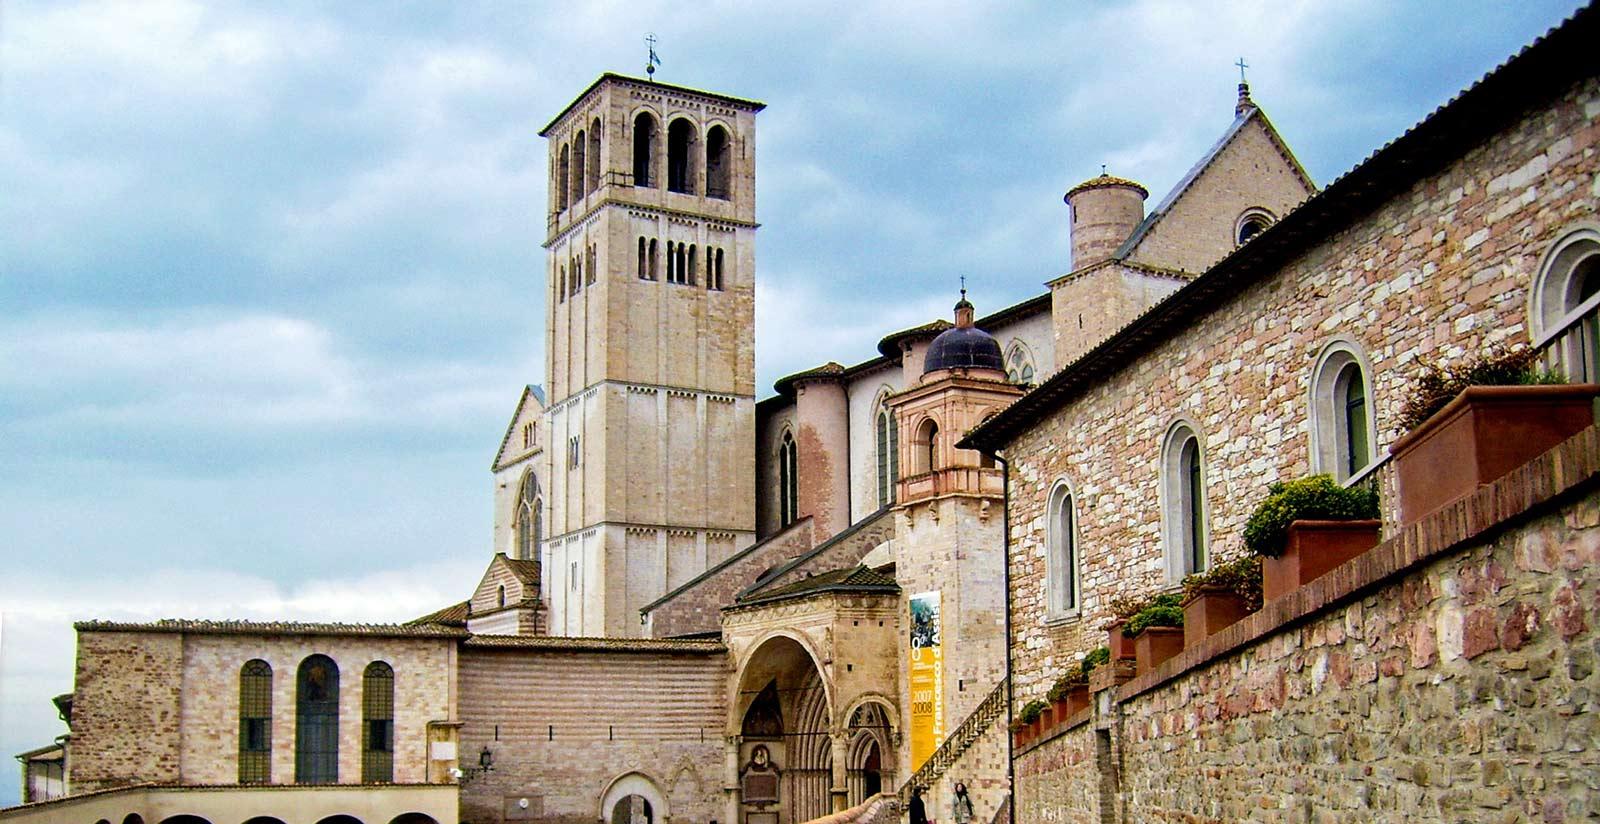 Visita la Città di Assisi durante il tuo soggiorno a Hotel ...